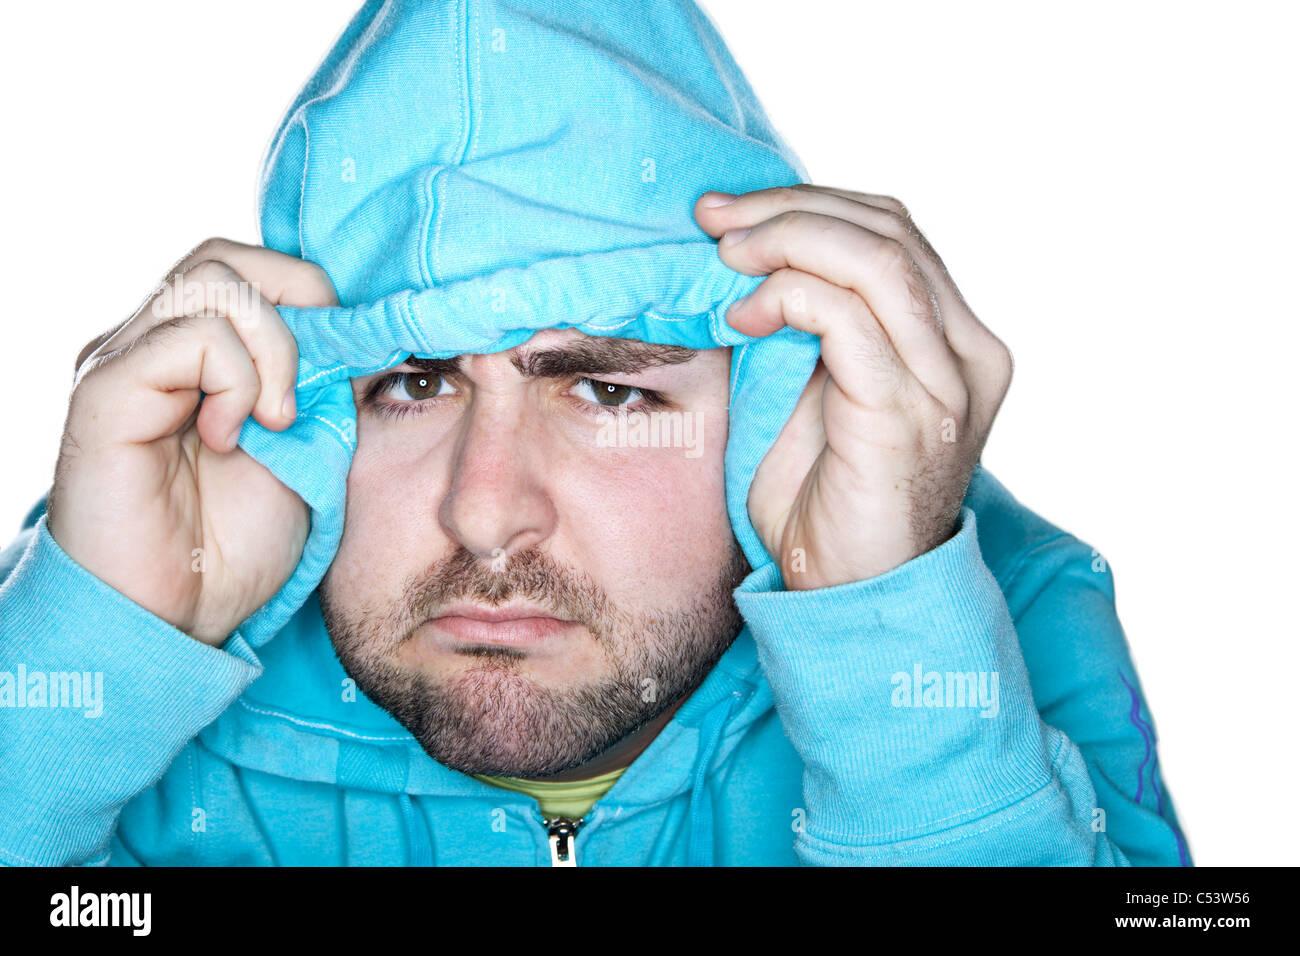 Un homme de race blanche avec une expression interrogateur tire sur sa capuche sur son front. Photo Stock